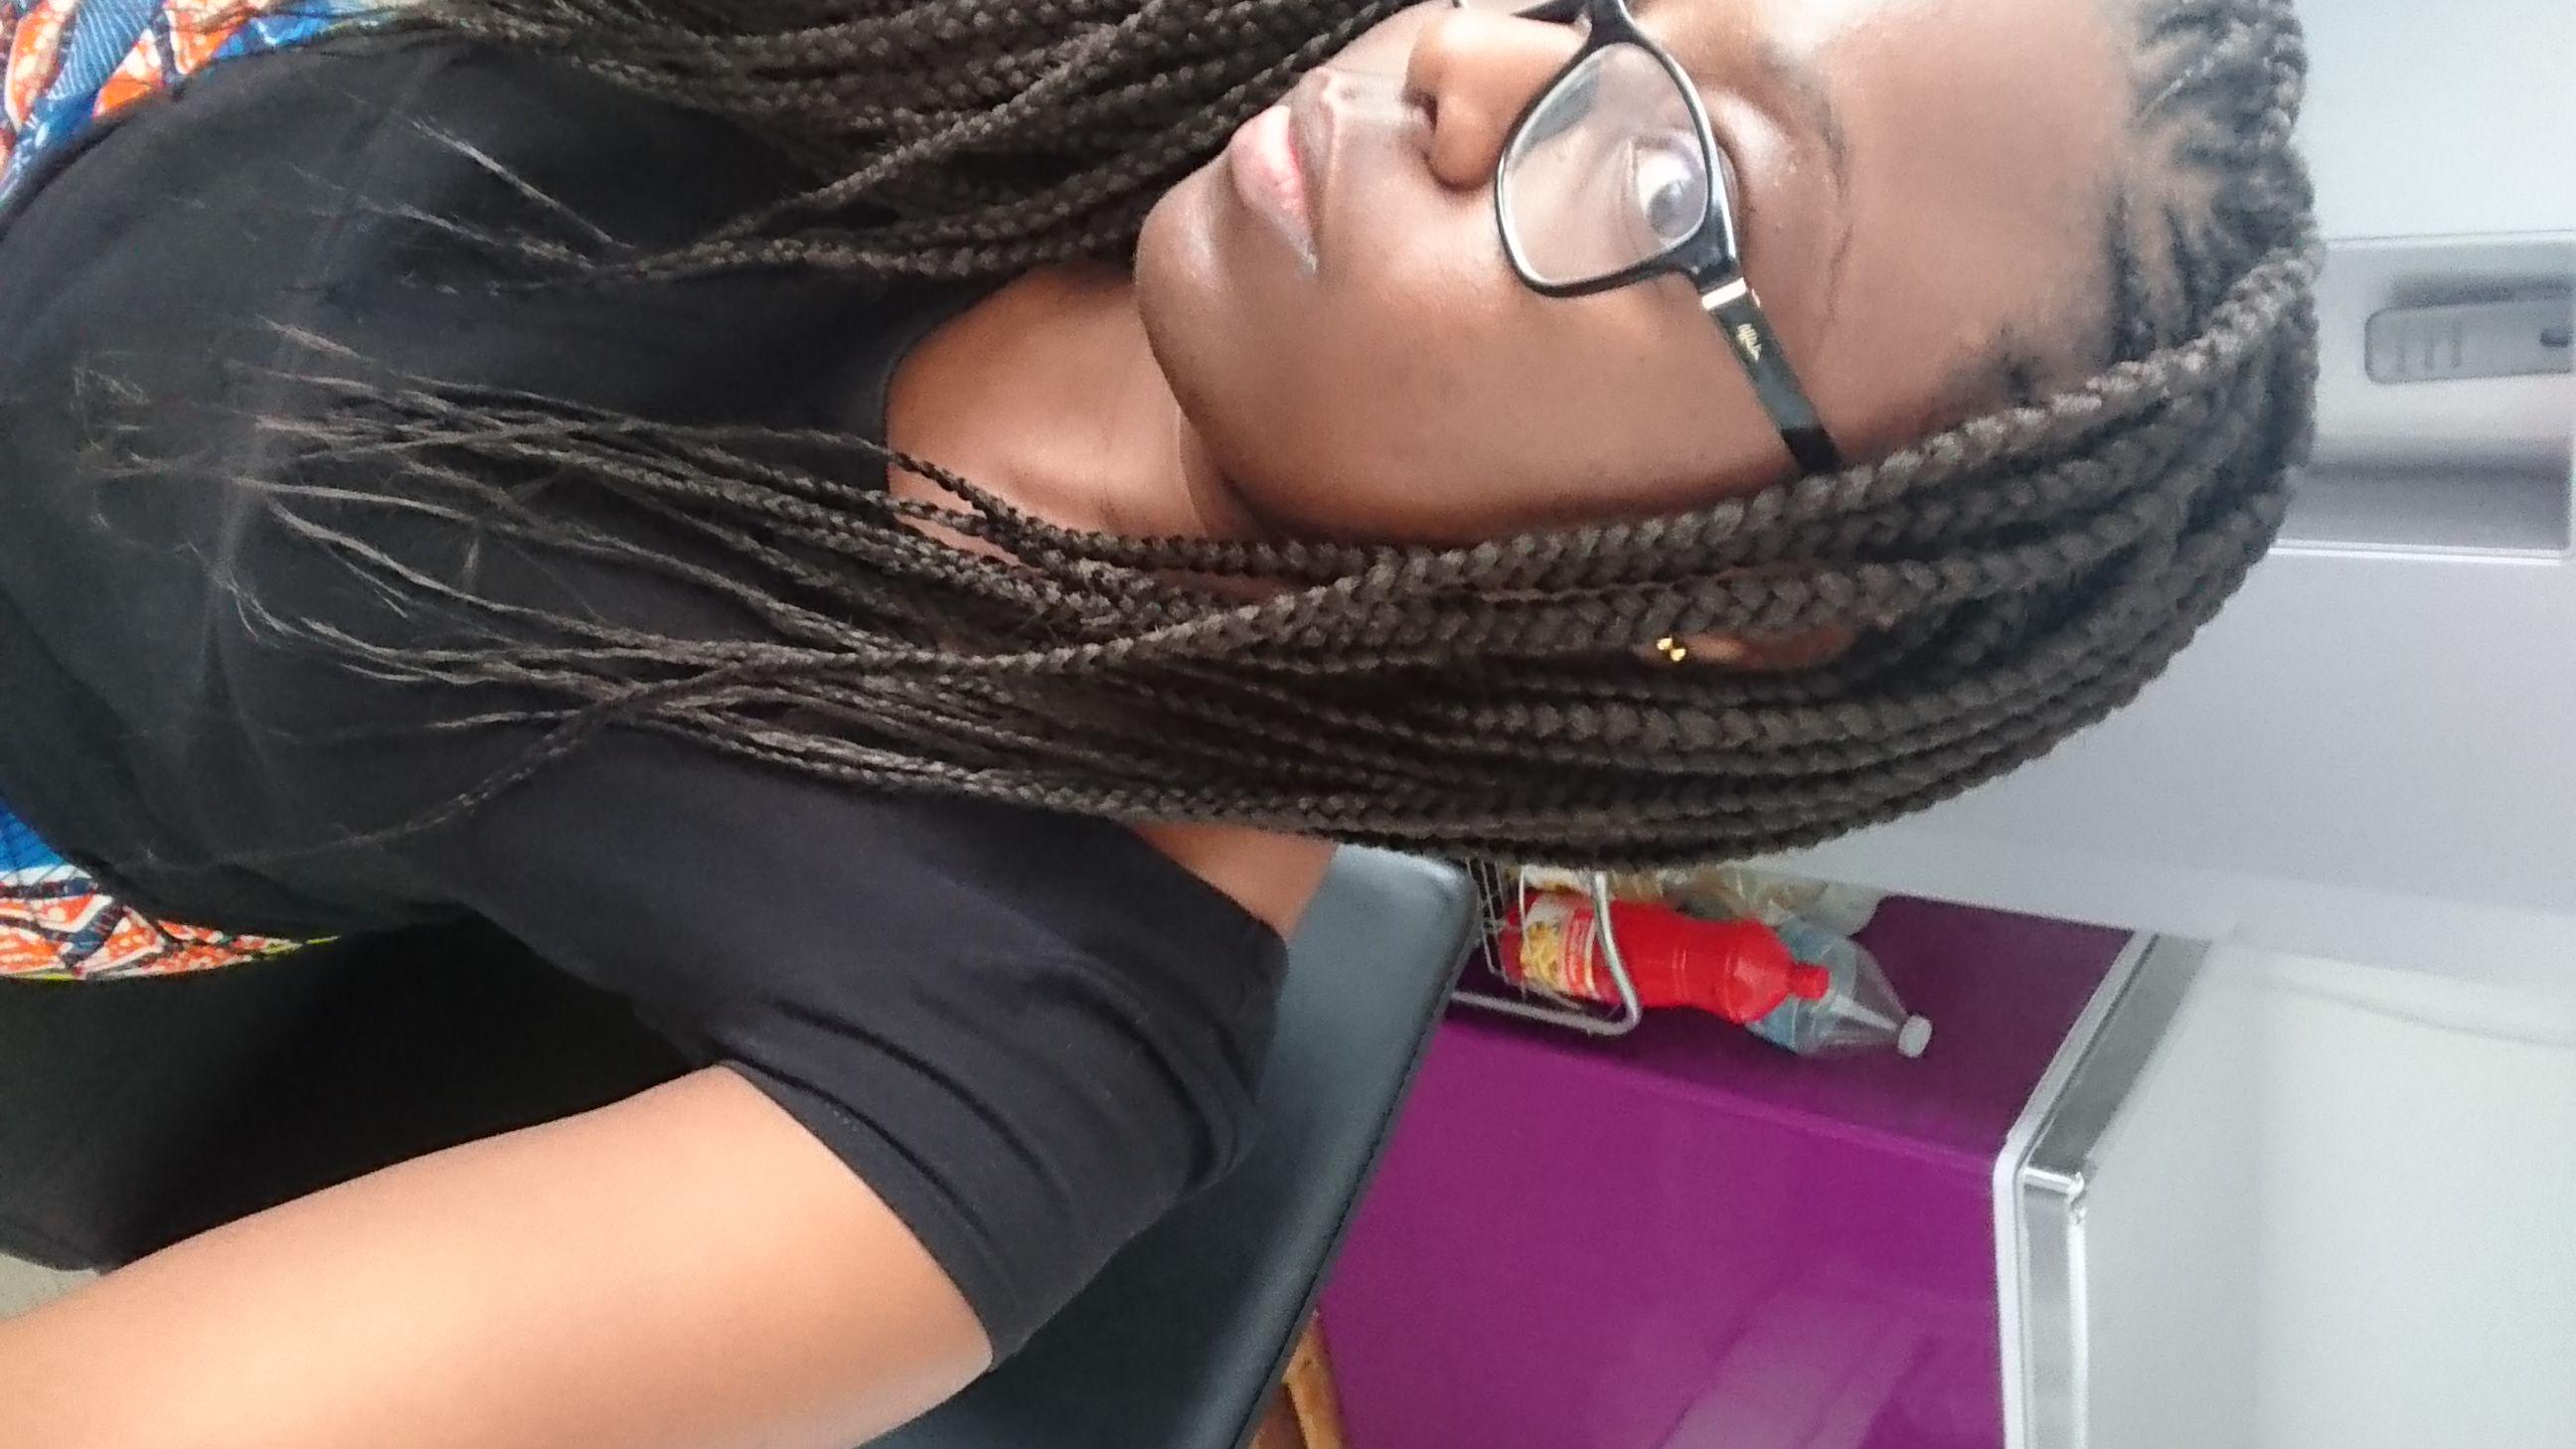 salon de coiffure afro tresse tresses box braids crochet braids vanilles tissages paris 75 77 78 91 92 93 94 95 LTMNCFNB